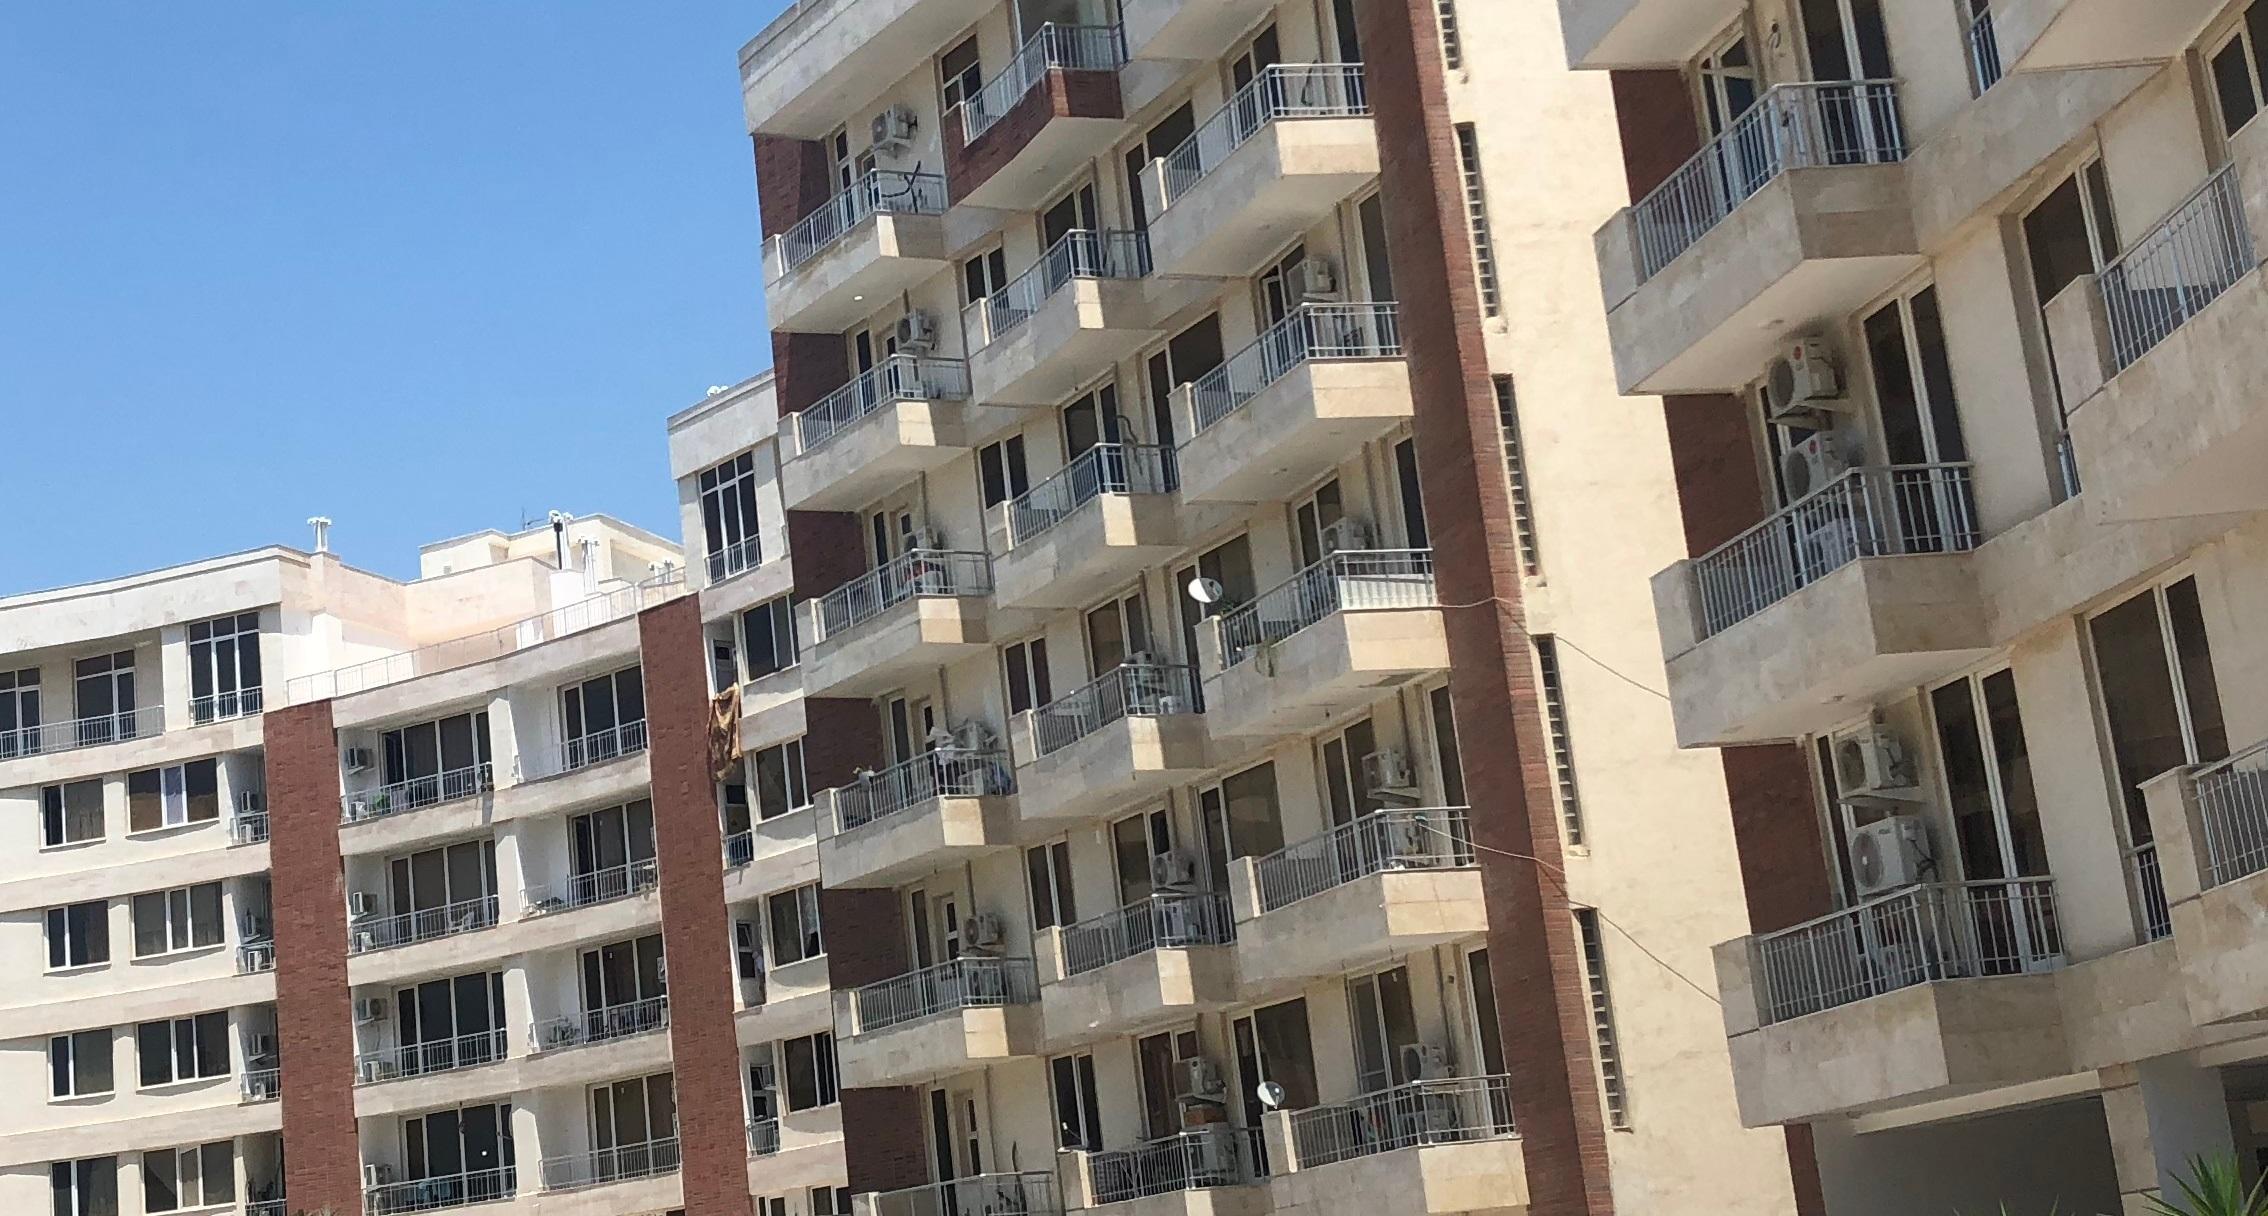 ساخت خانههای نقلی در دو منطقه تهران/ آیا مشکل افراد فاقد مسکن حل میشود؟